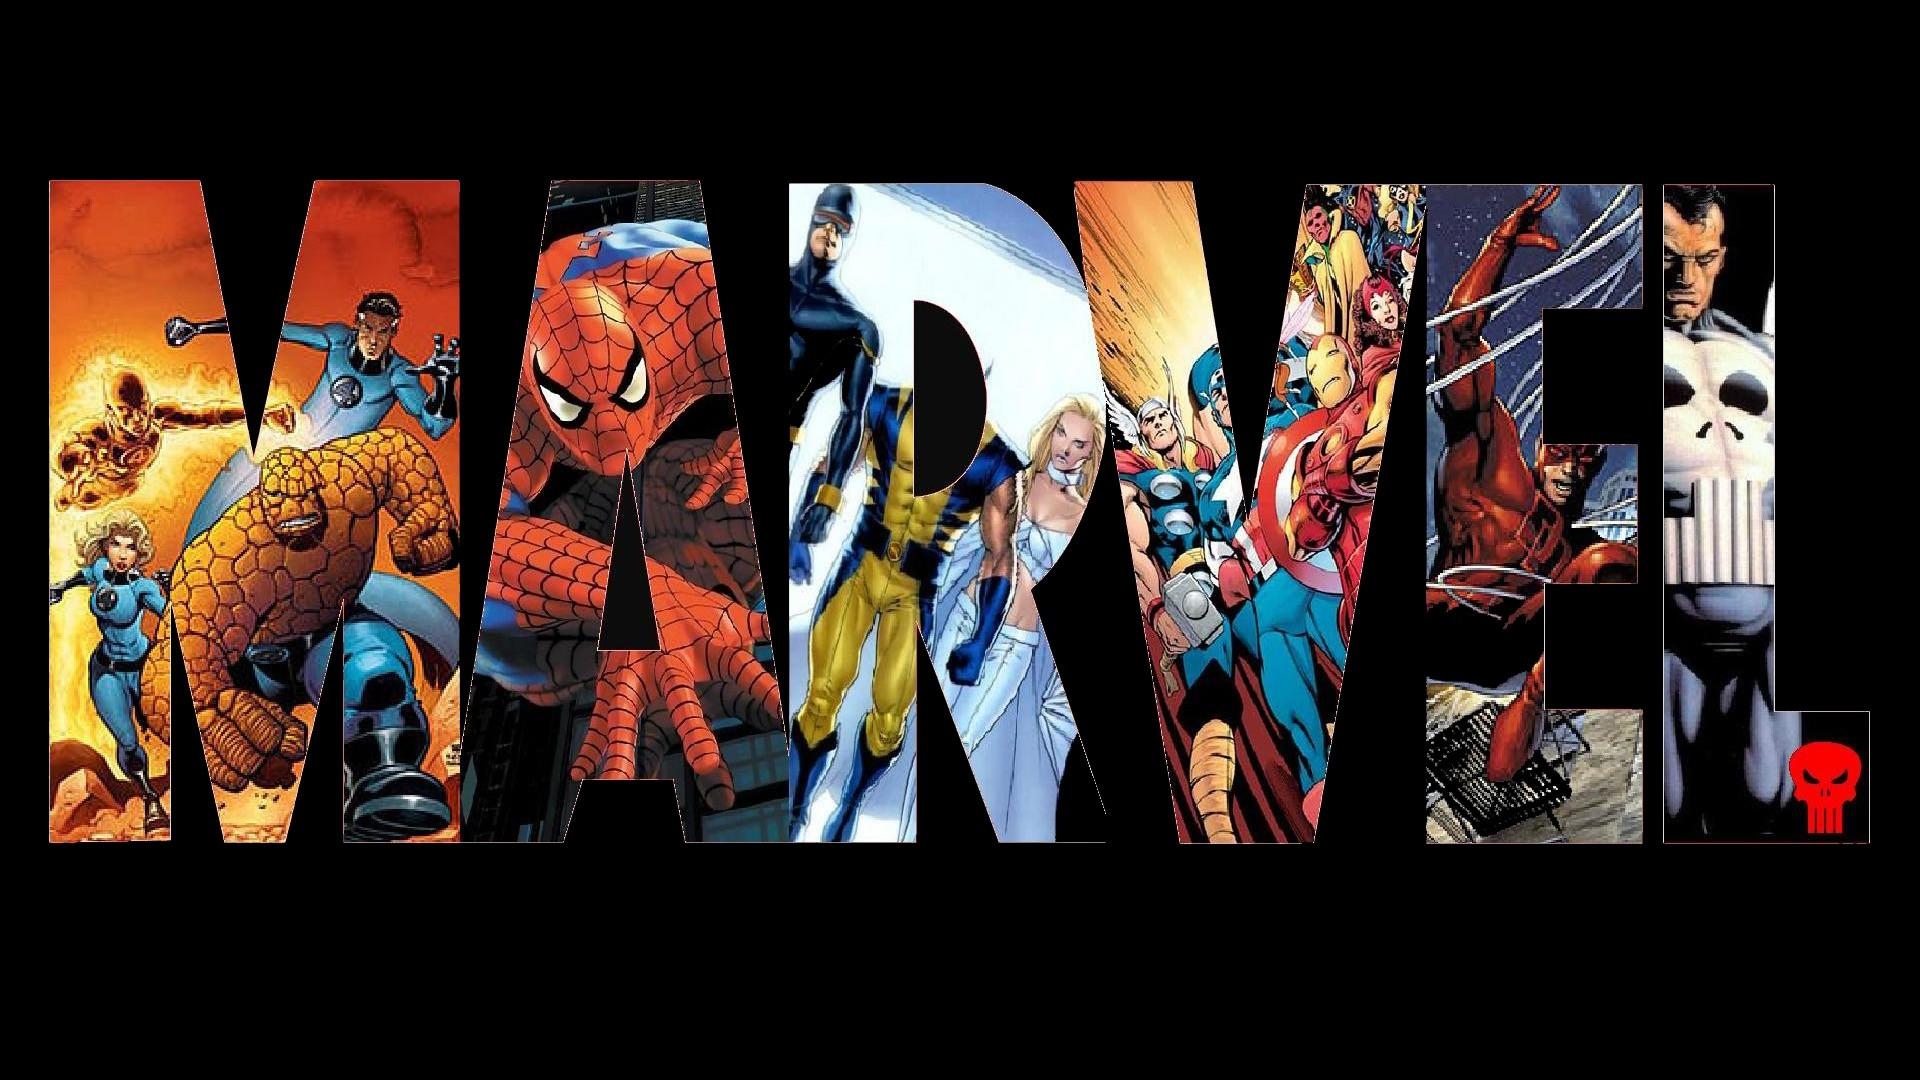 Marvel avengers desktop wallpaper 79 images - Images avengers ...